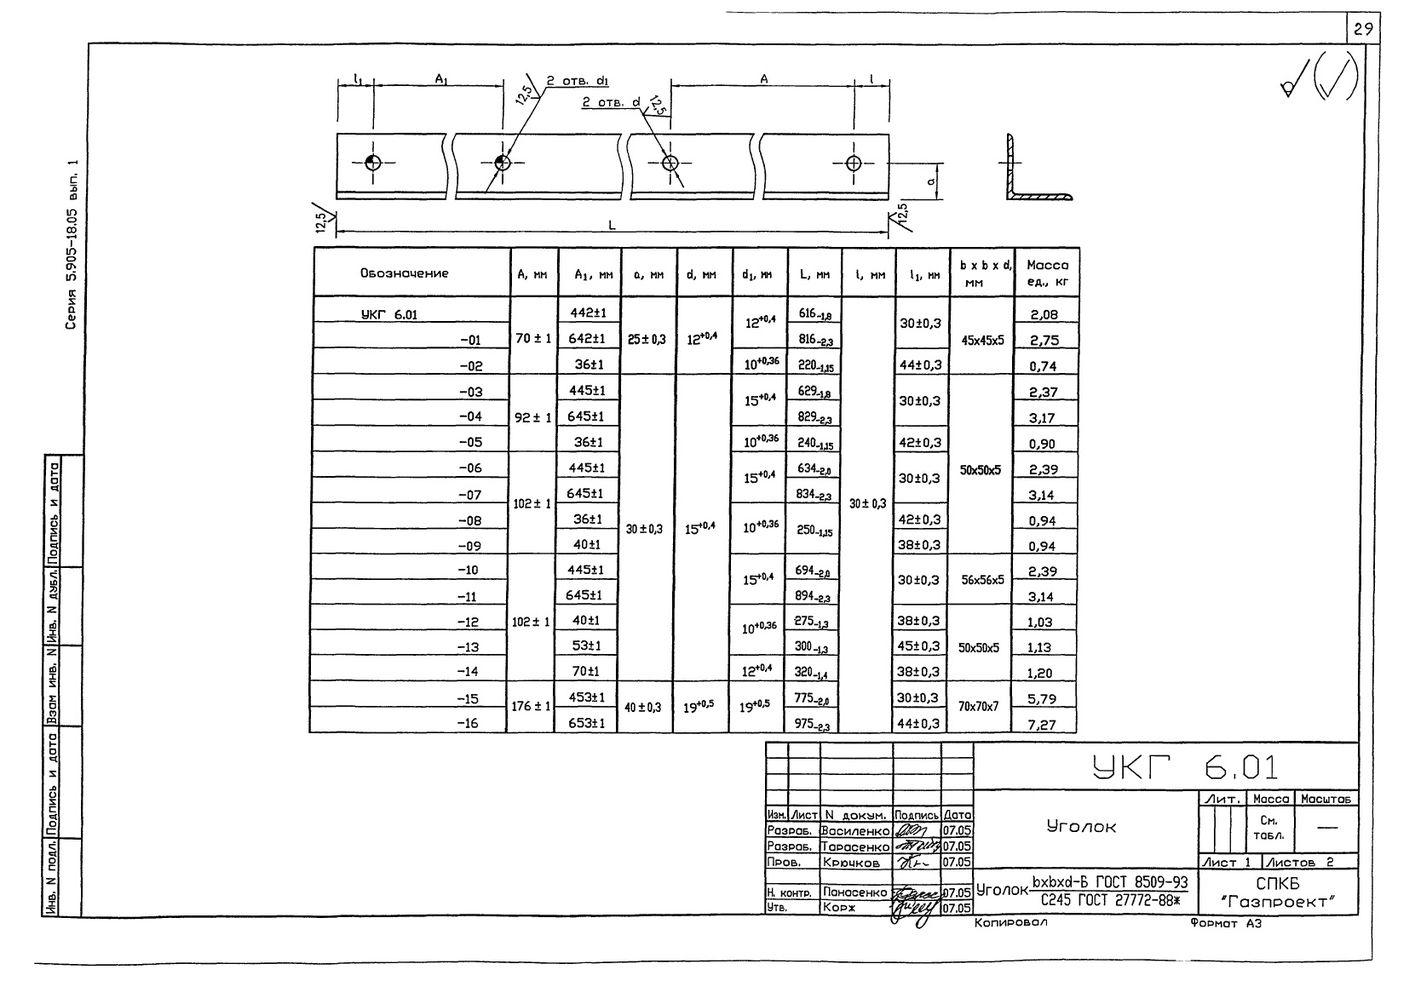 Крепление вертикального газопровода Ду 50...500 мм к железобетонной колонне УКГ 6.00 СБ серия 5.905-18.05 выпуск 1 стр.10